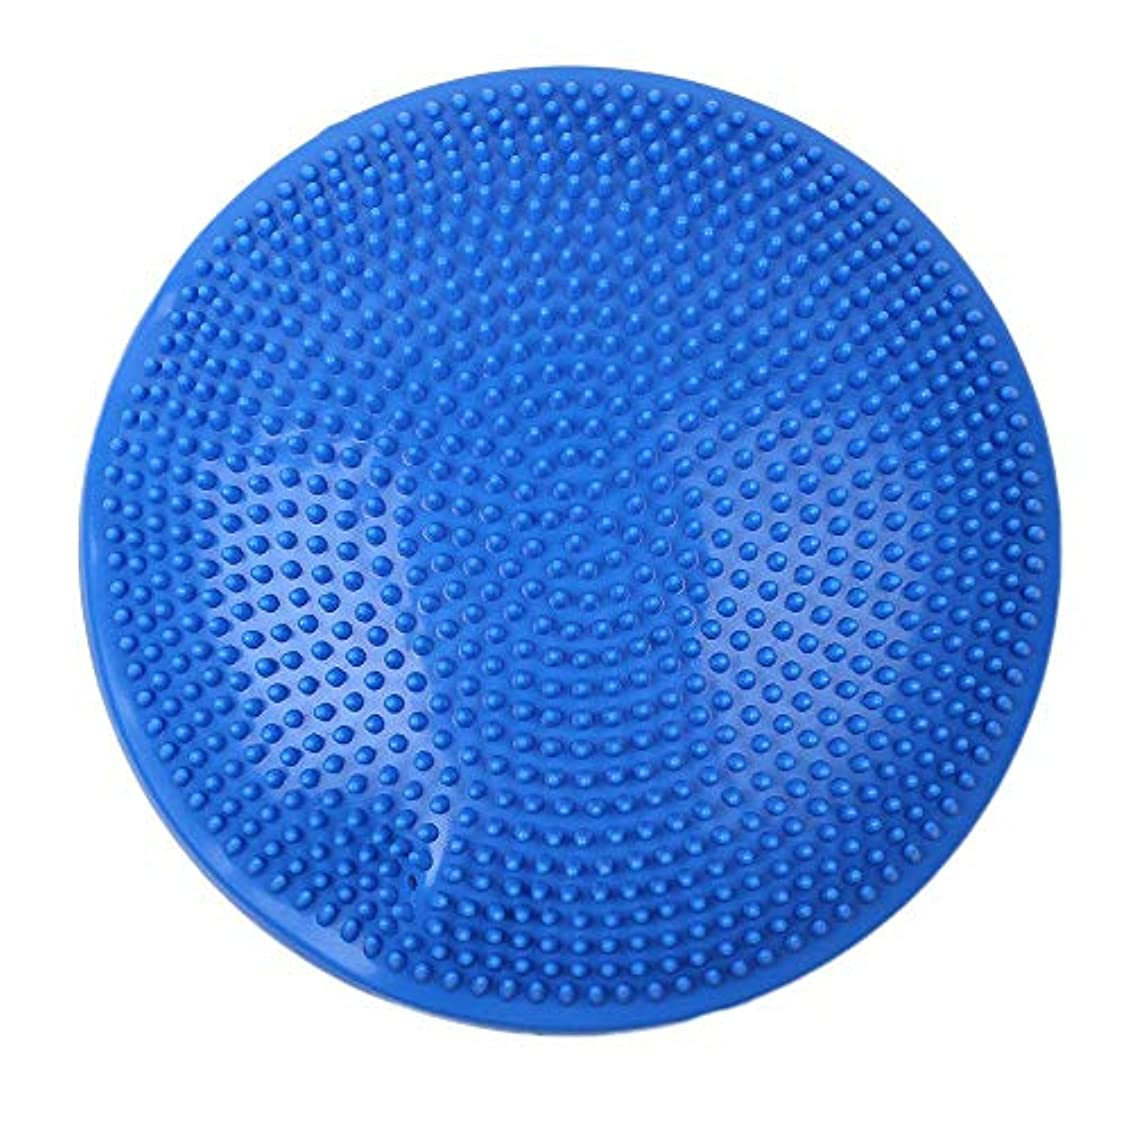 子感心する違反ヨガボール、バランスヨガマッサージプレートクッション安定性ディスクバランス揺れパッド足首膝ボードマッサージボールマット,Blue